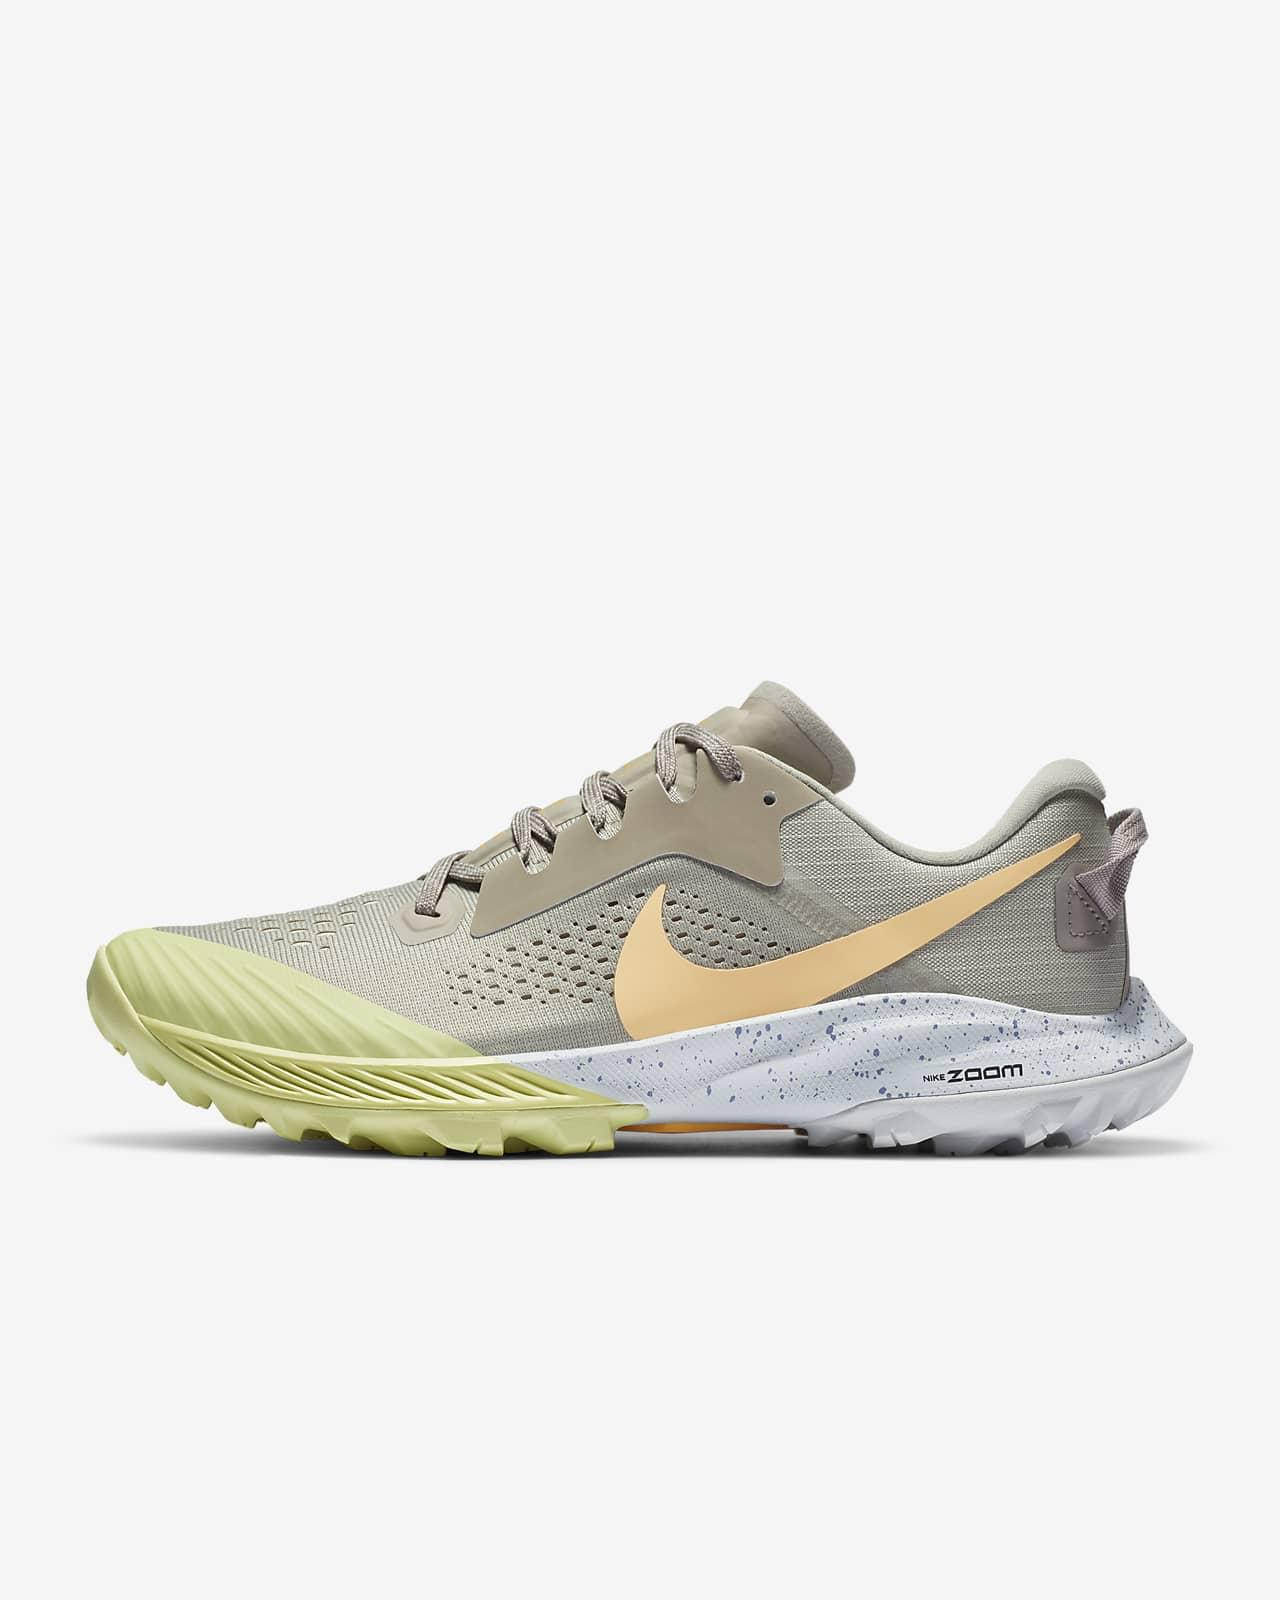 Nike Air Zoom Terra Kiger 6 女子跑步鞋